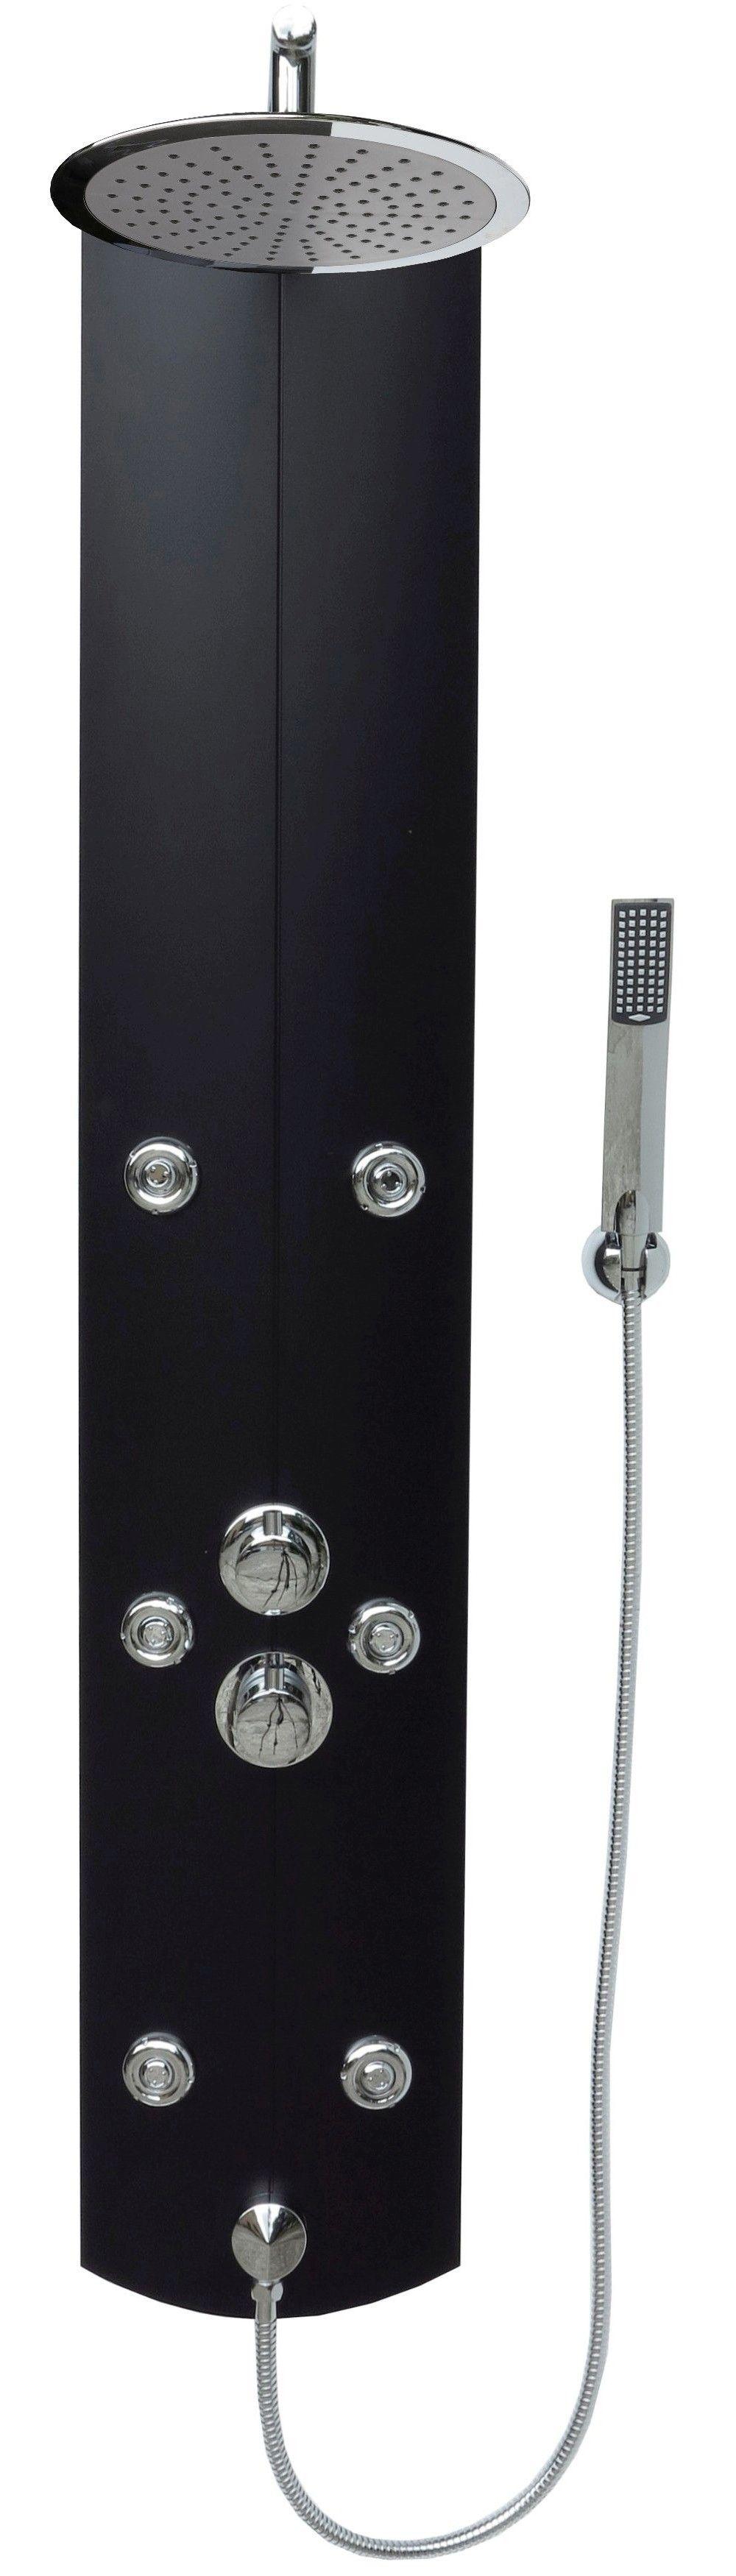 duschpaneel duschs ule thermostat duscharmatur brausepaneel regendusche schwarz ebay. Black Bedroom Furniture Sets. Home Design Ideas